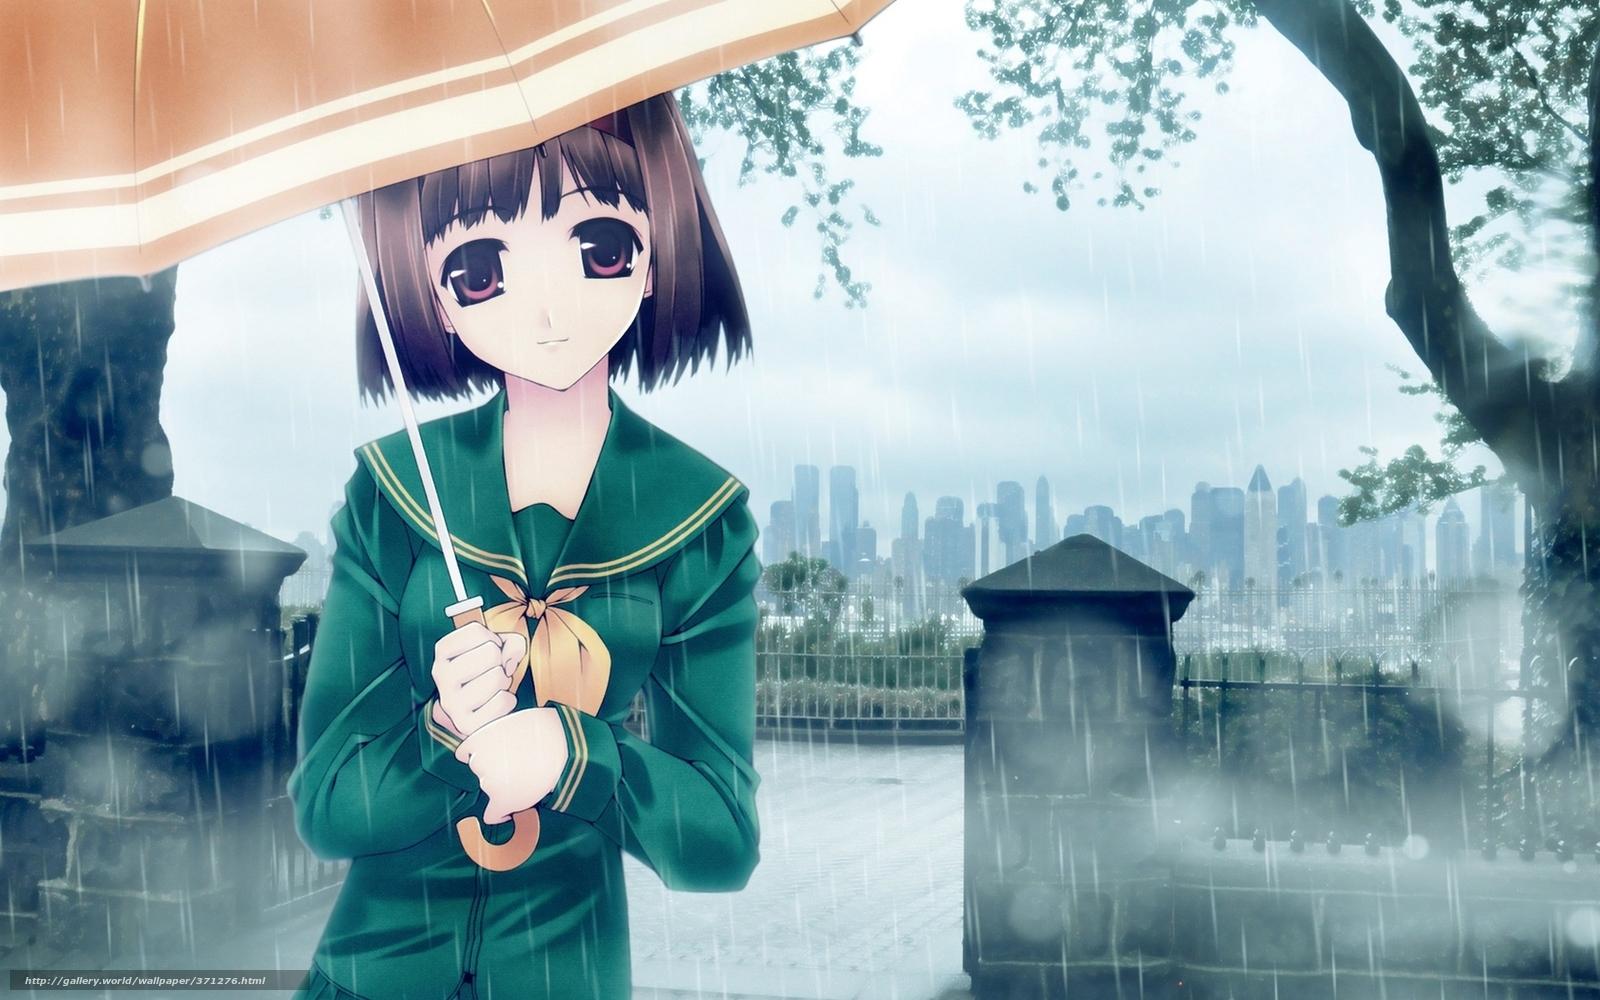 Скачать обои аниме,  девочка,  дождь,  зонтик бесплатно для рабочего стола в разрешении 1680x1050 — картинка №371276